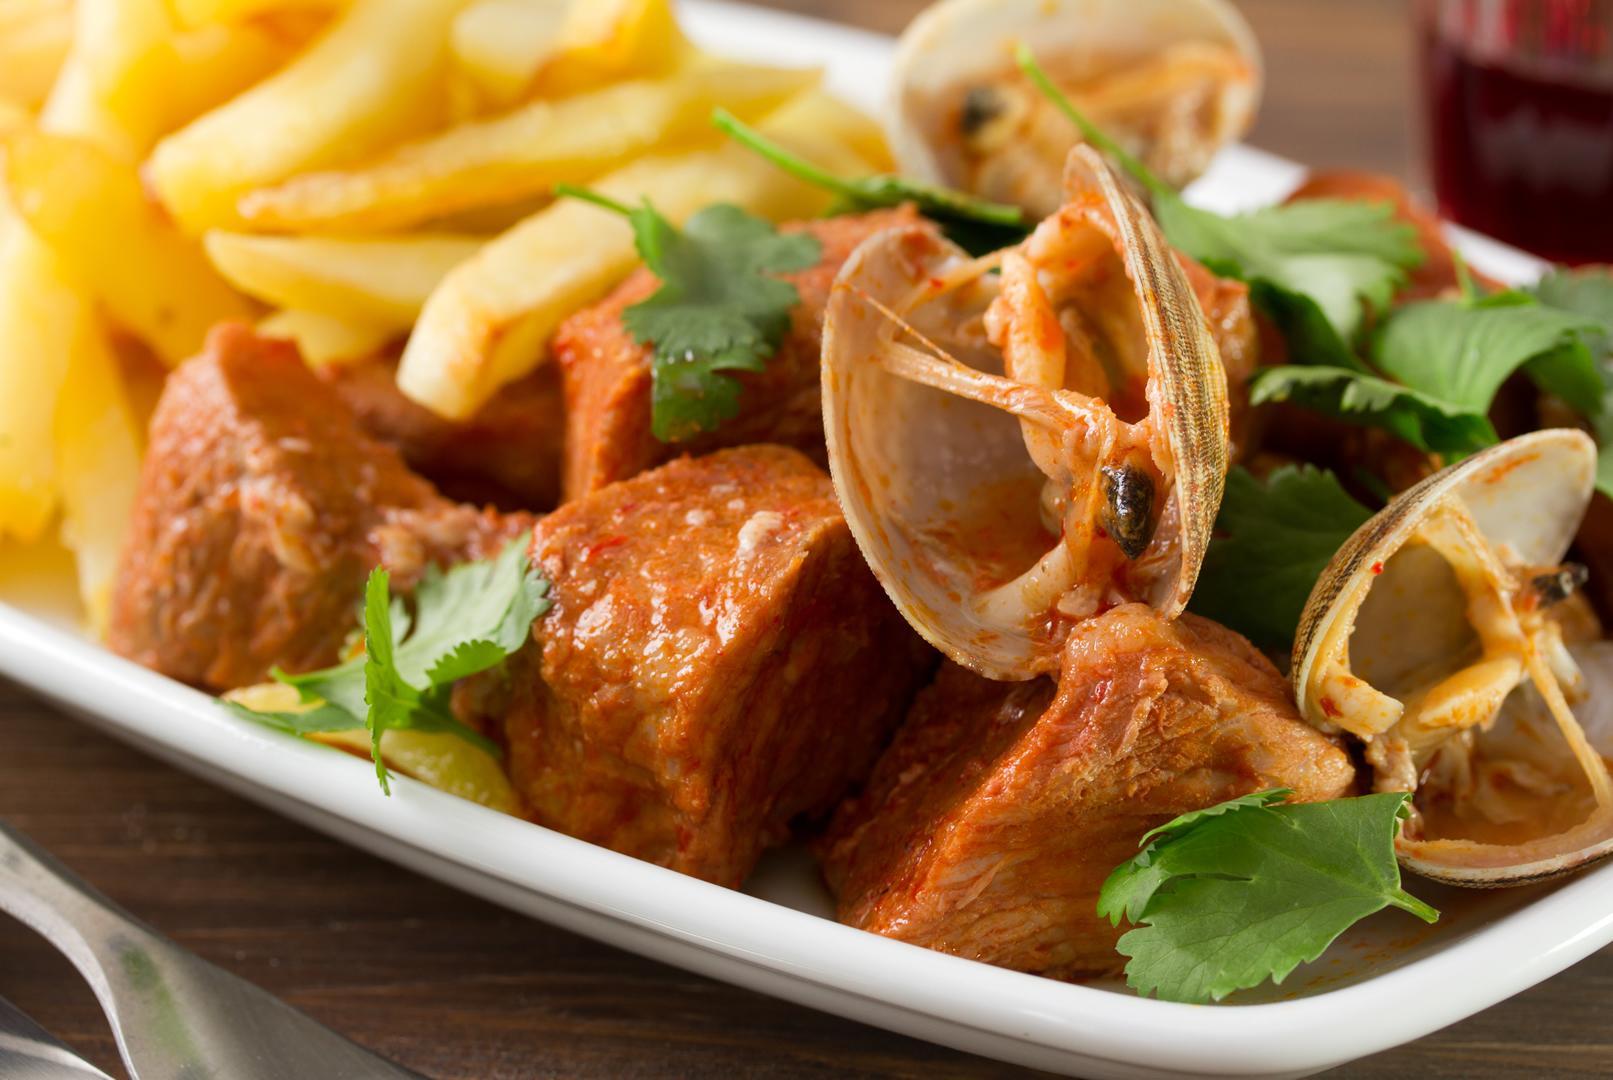 Cuisine fran aise poissy saint germain en laye for Cuisine francaise